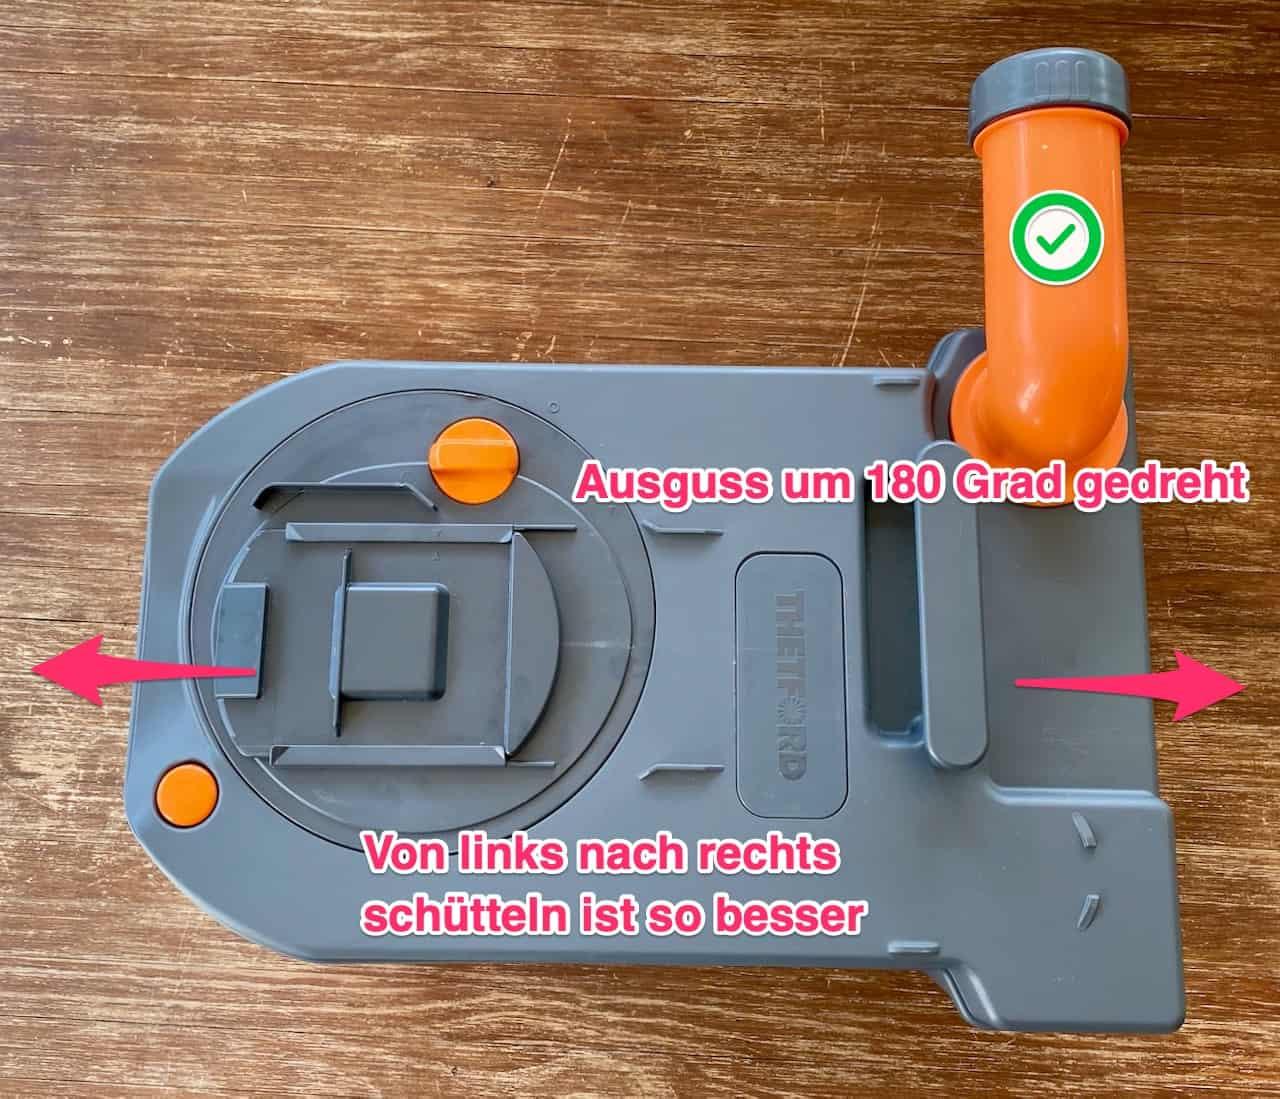 Thetford-Toilettenkassette-C250-stinkt-und-riecht-Lösung-Ausguss-180-Grad